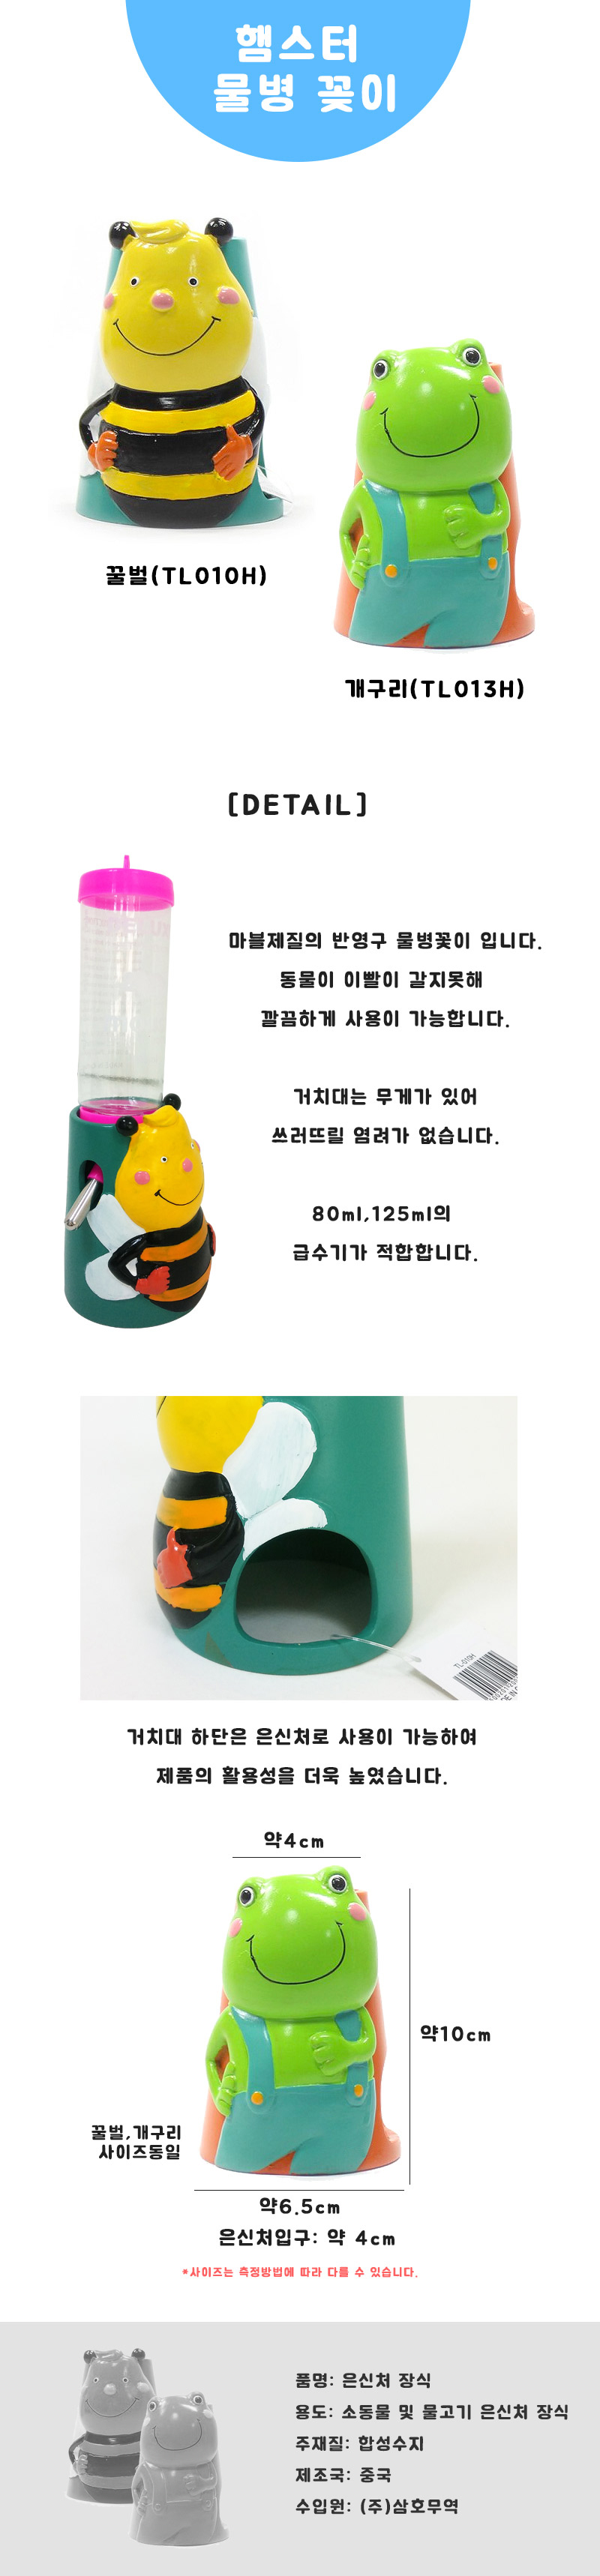 꿀벌 햄스터 물병 꽂이 (마블 거치대 은신처 겸용)-.jpg